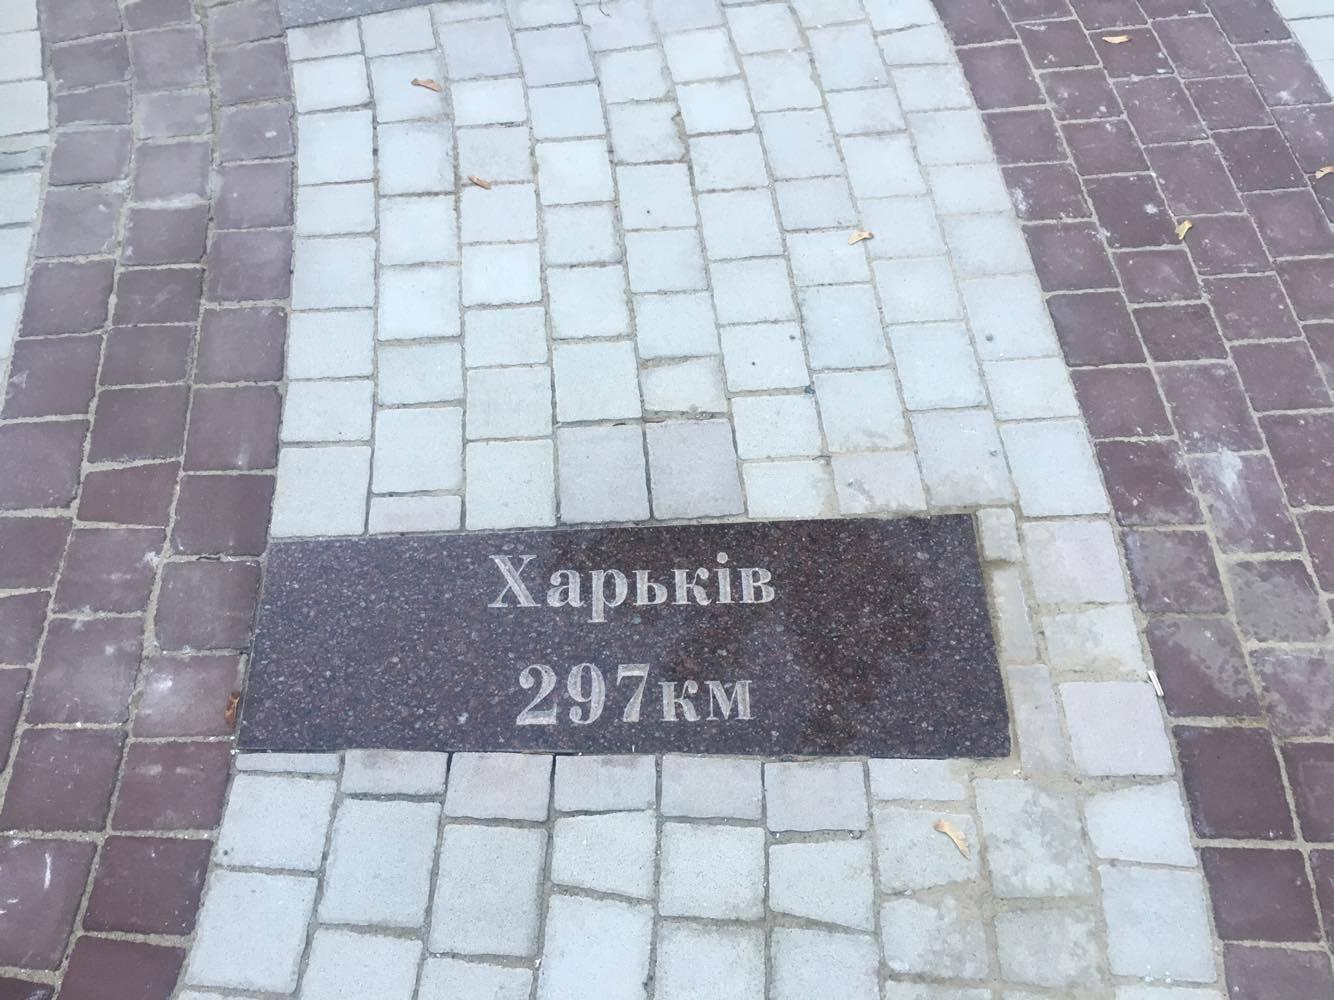 ВЗапорожье запечатлели вграните наименования украинских городов. Сошибками